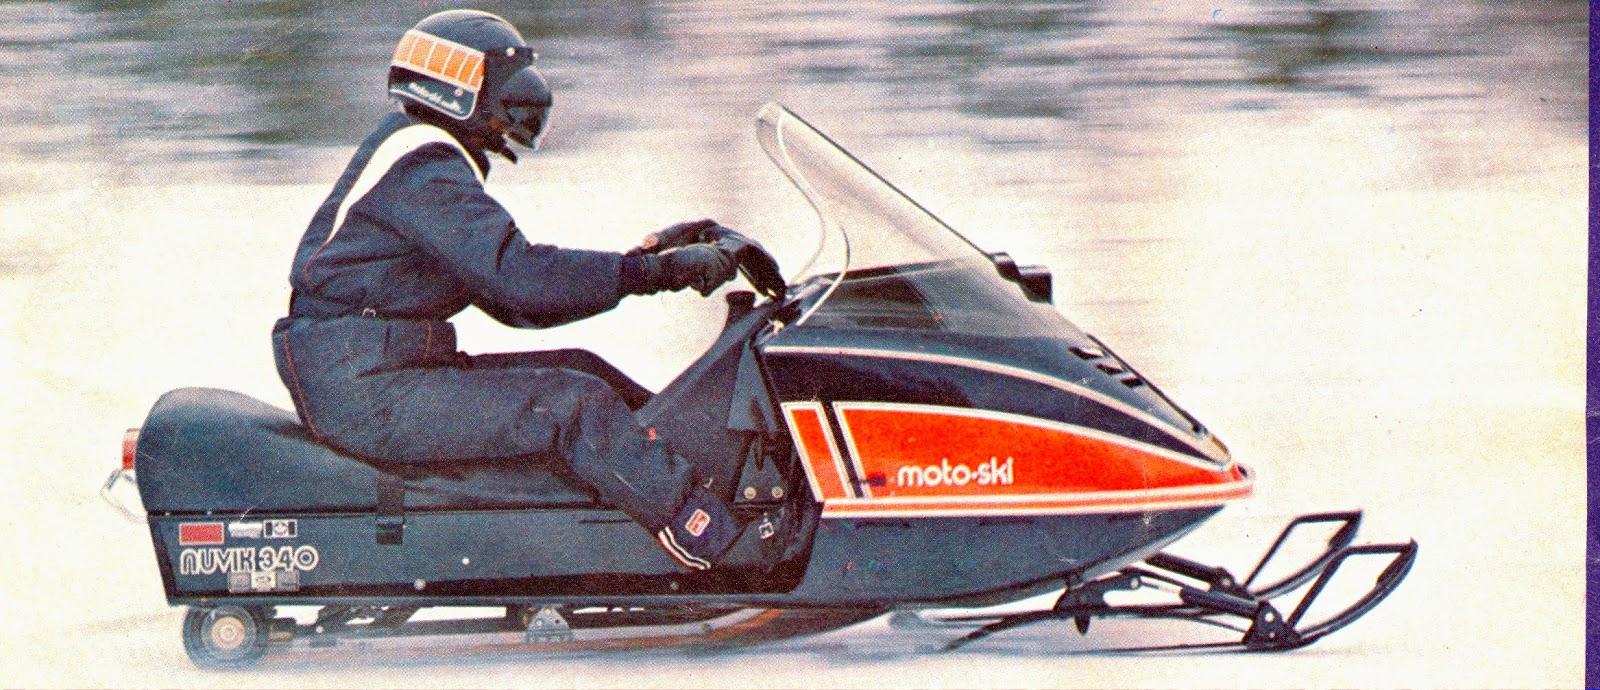 moto ski visitors